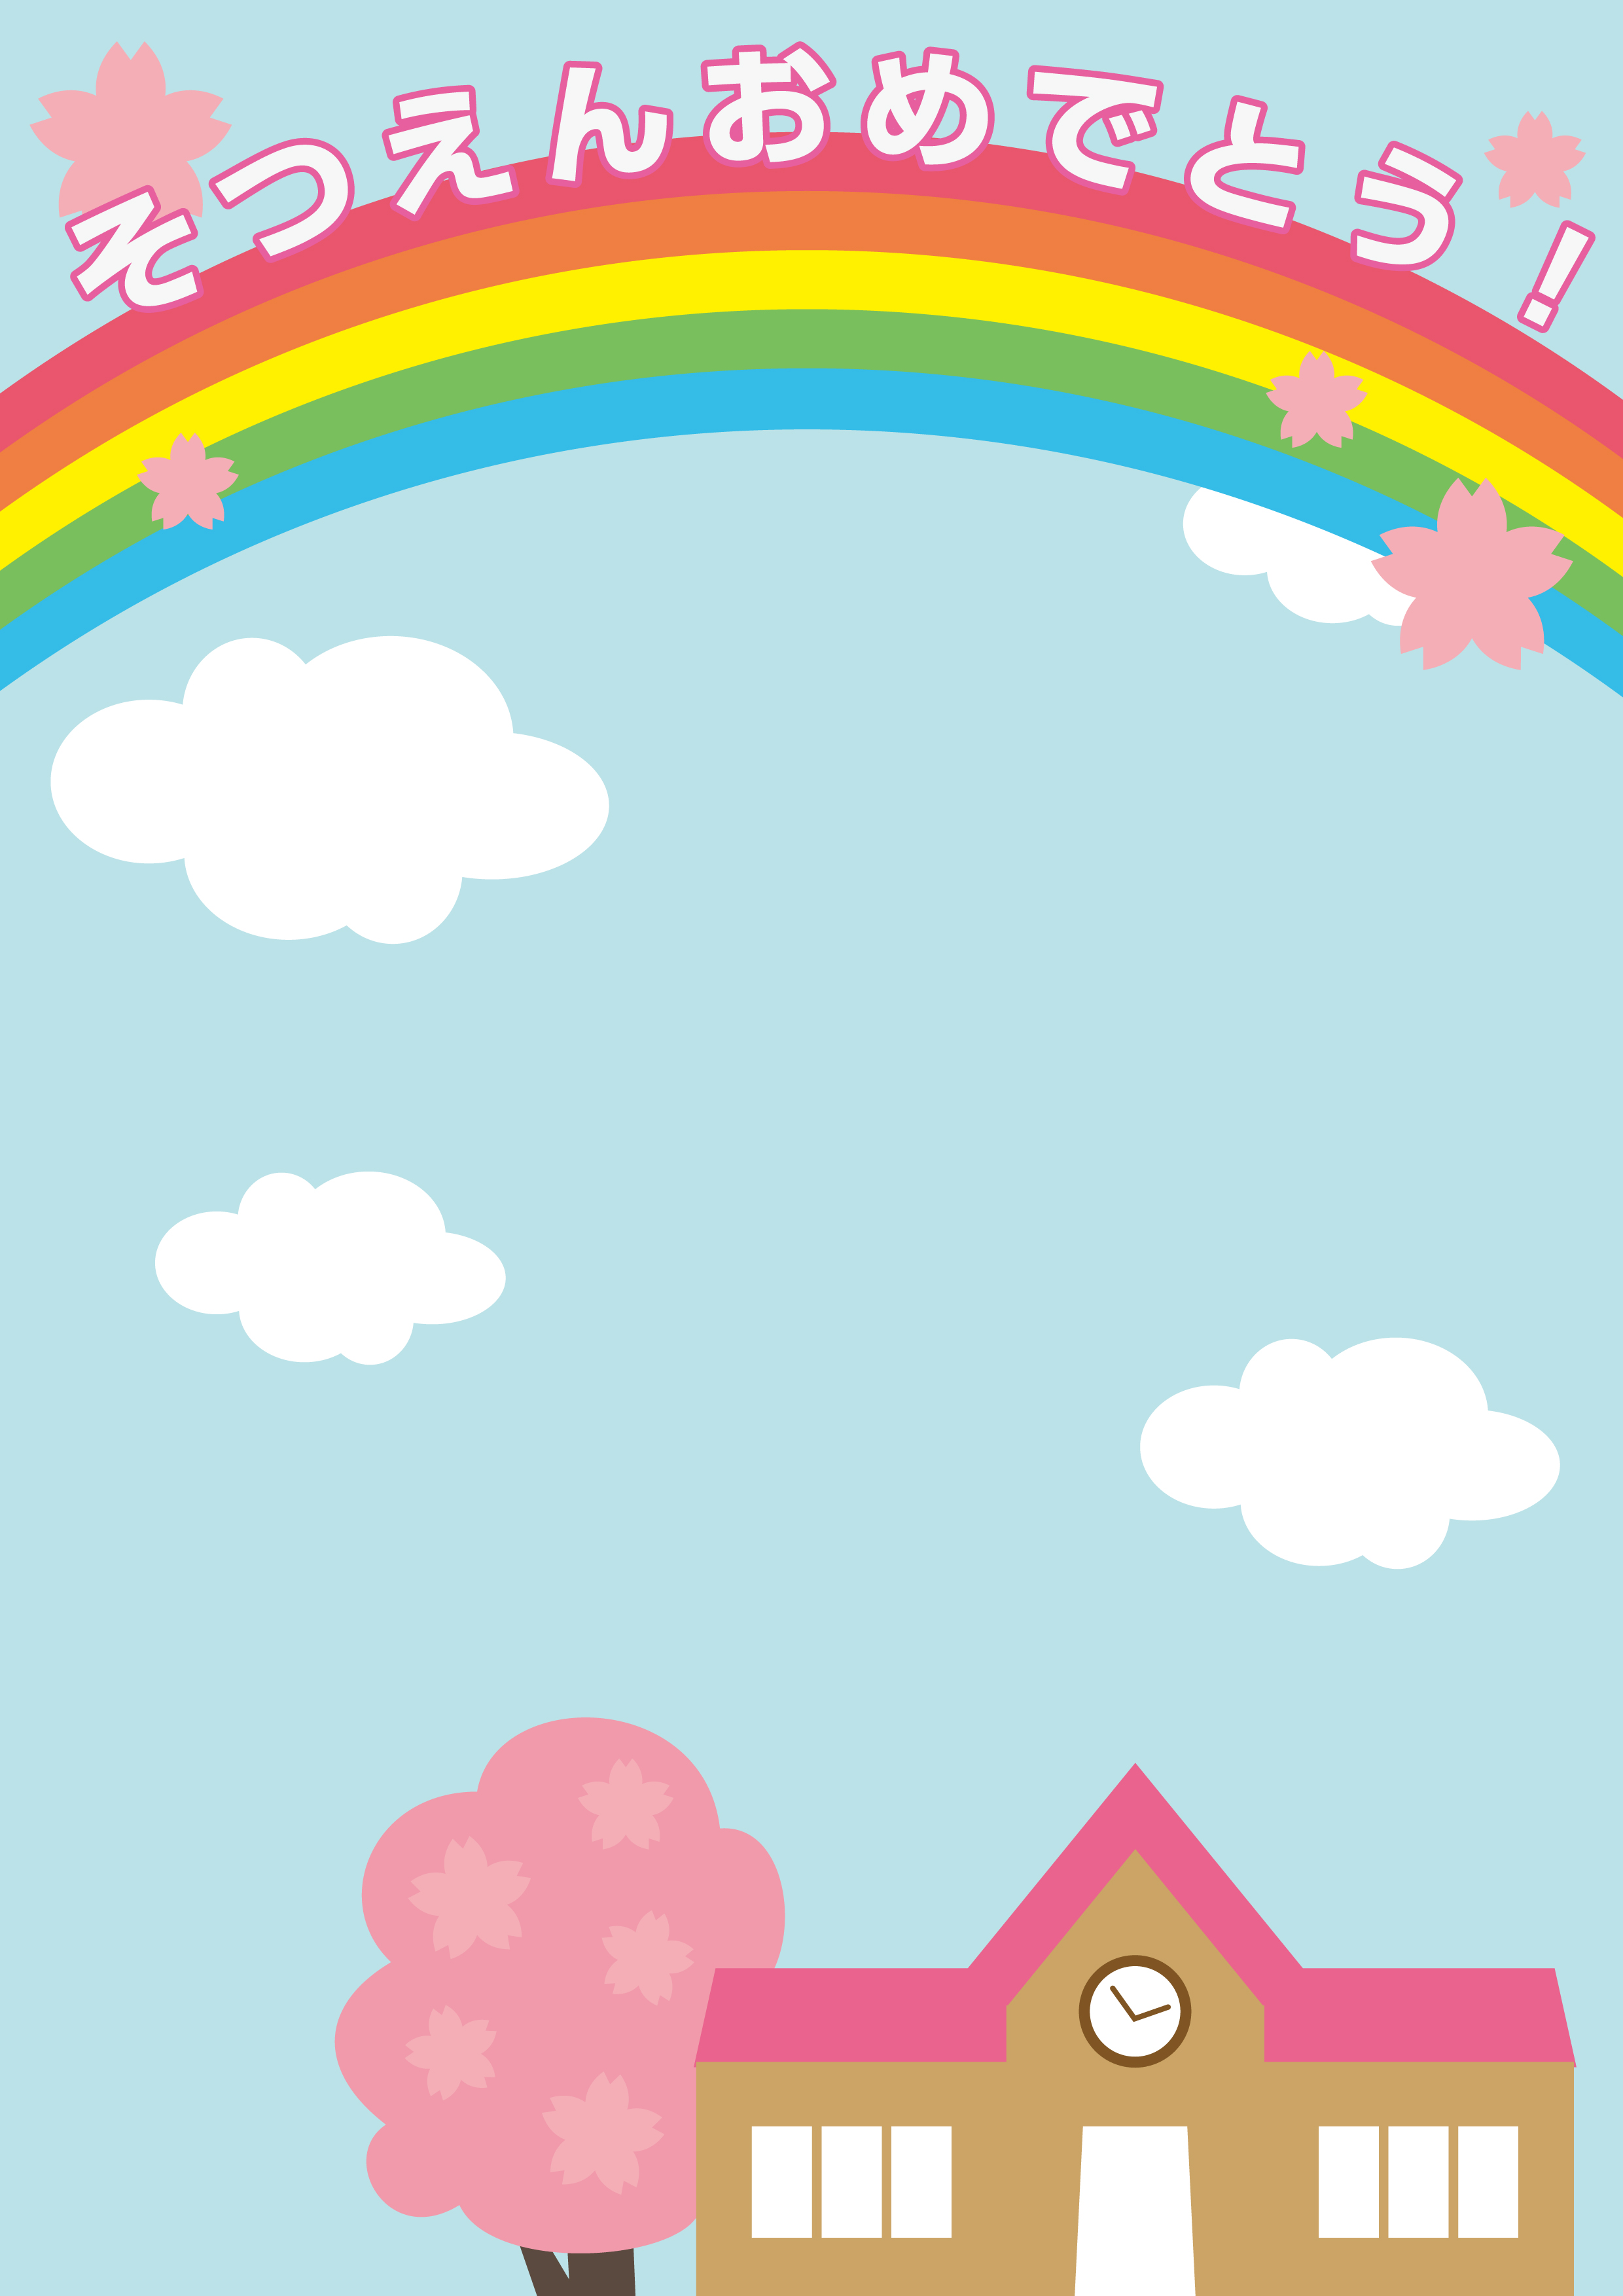 卒園おめでとう 卒園アルバム用素材 | flat design::